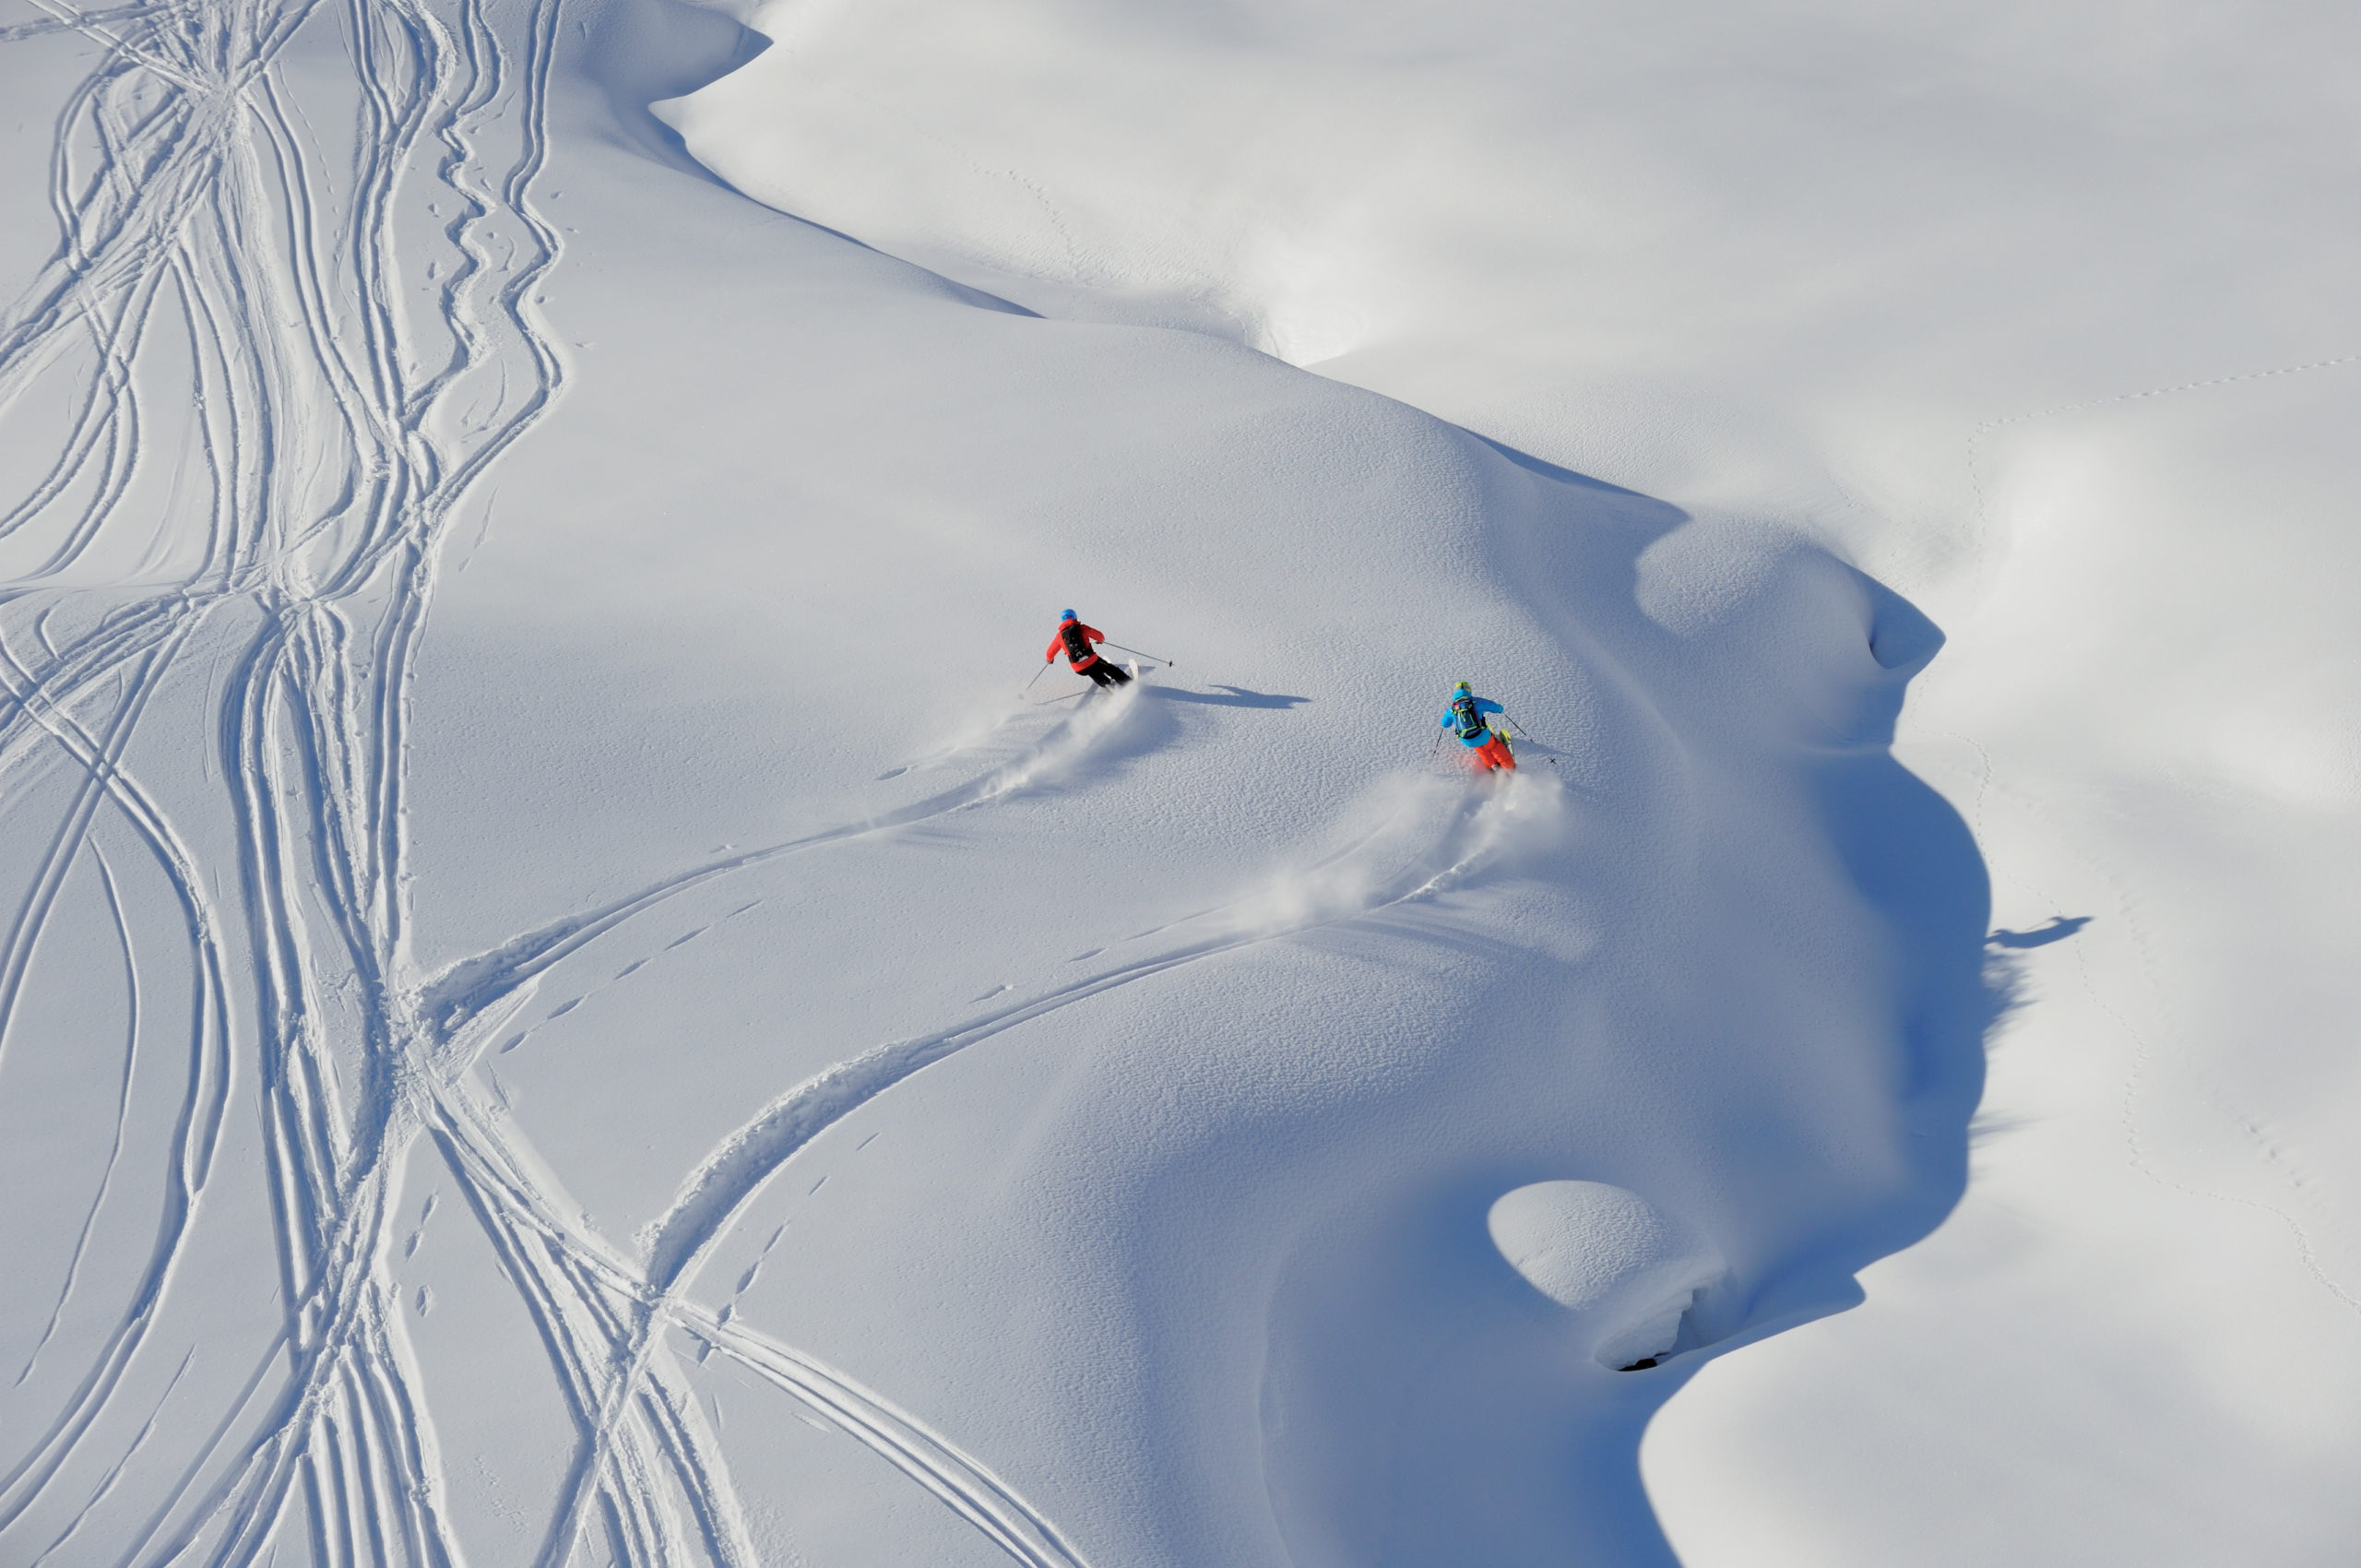 www.finest-holidays.com Freeriders Arlberg Area